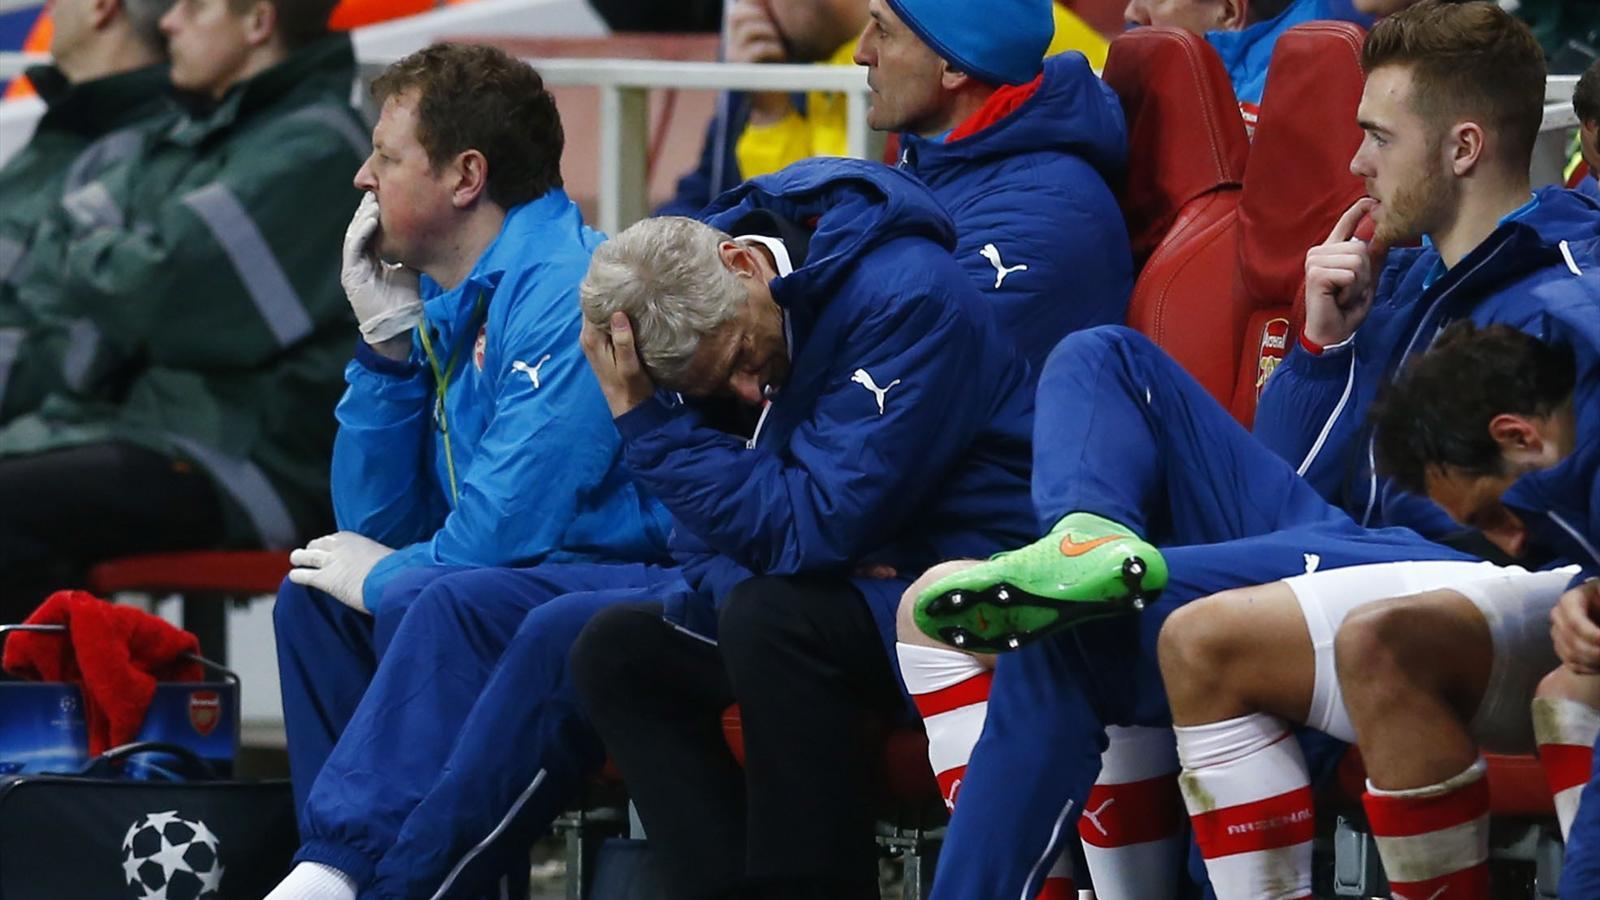 Arsenal-Monaco (1-3) : Wenger s'est trompé, les Gunners l'ont payé